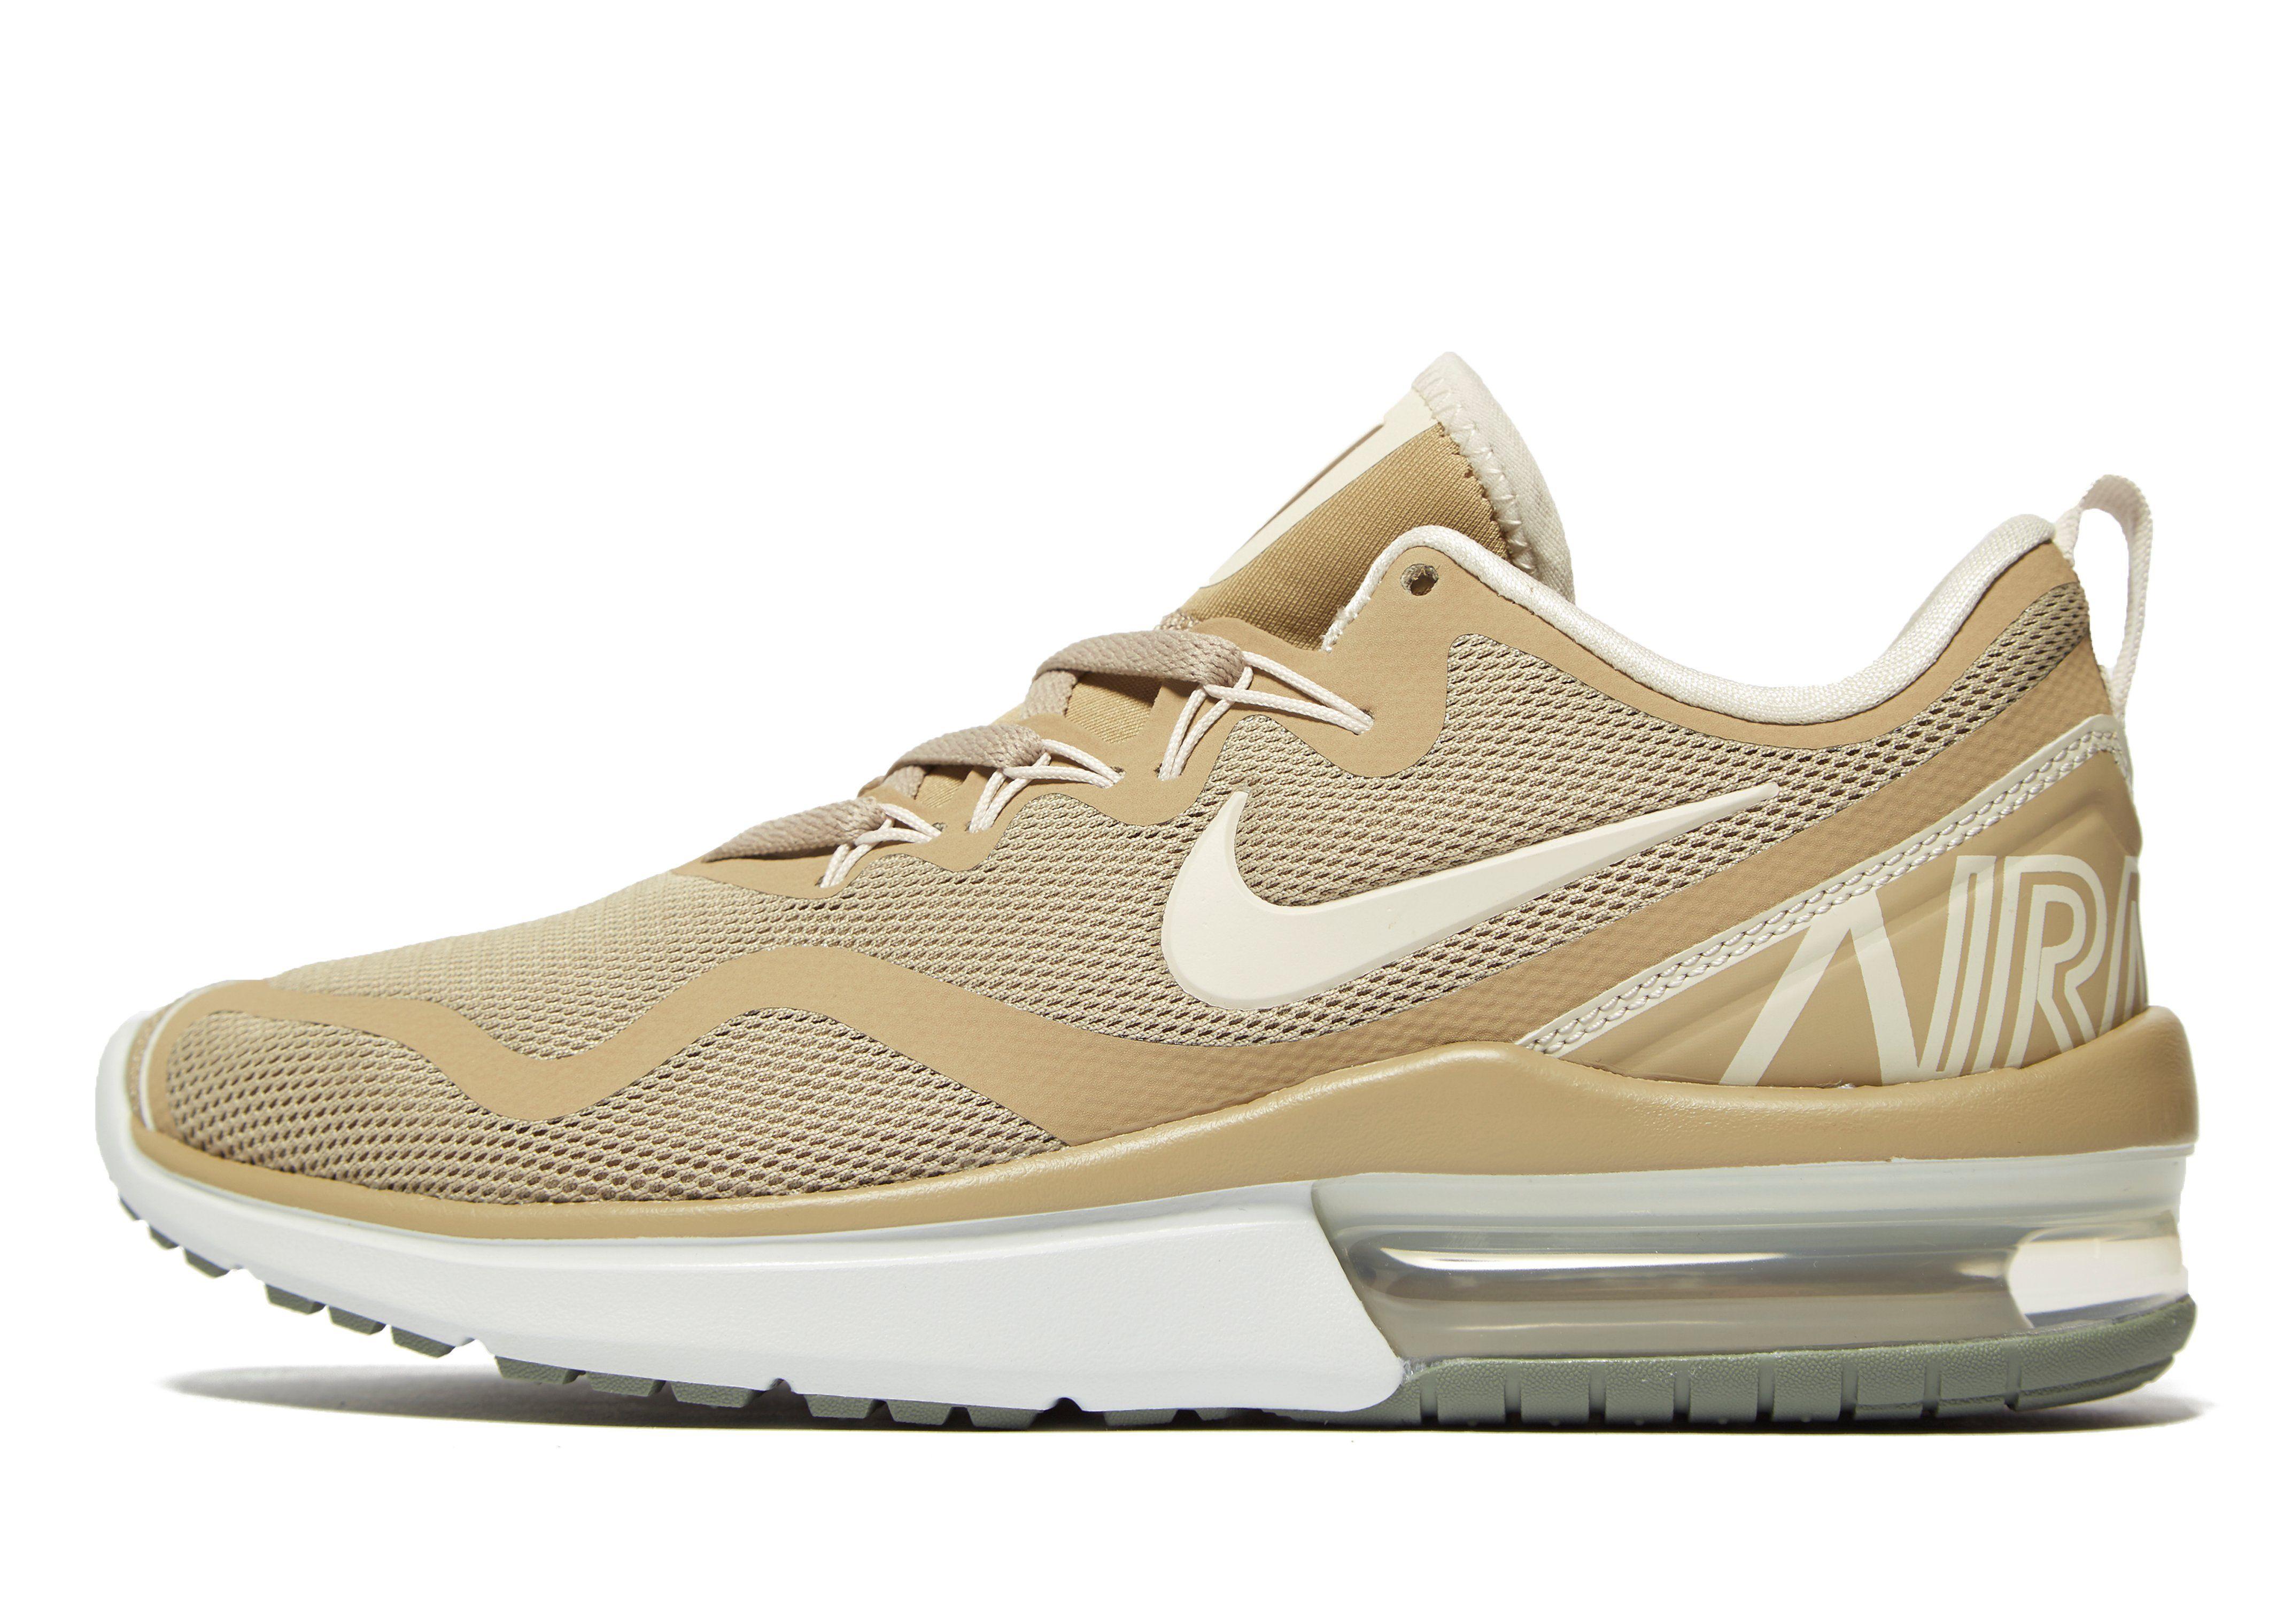 Nike Air Max Fury Femme